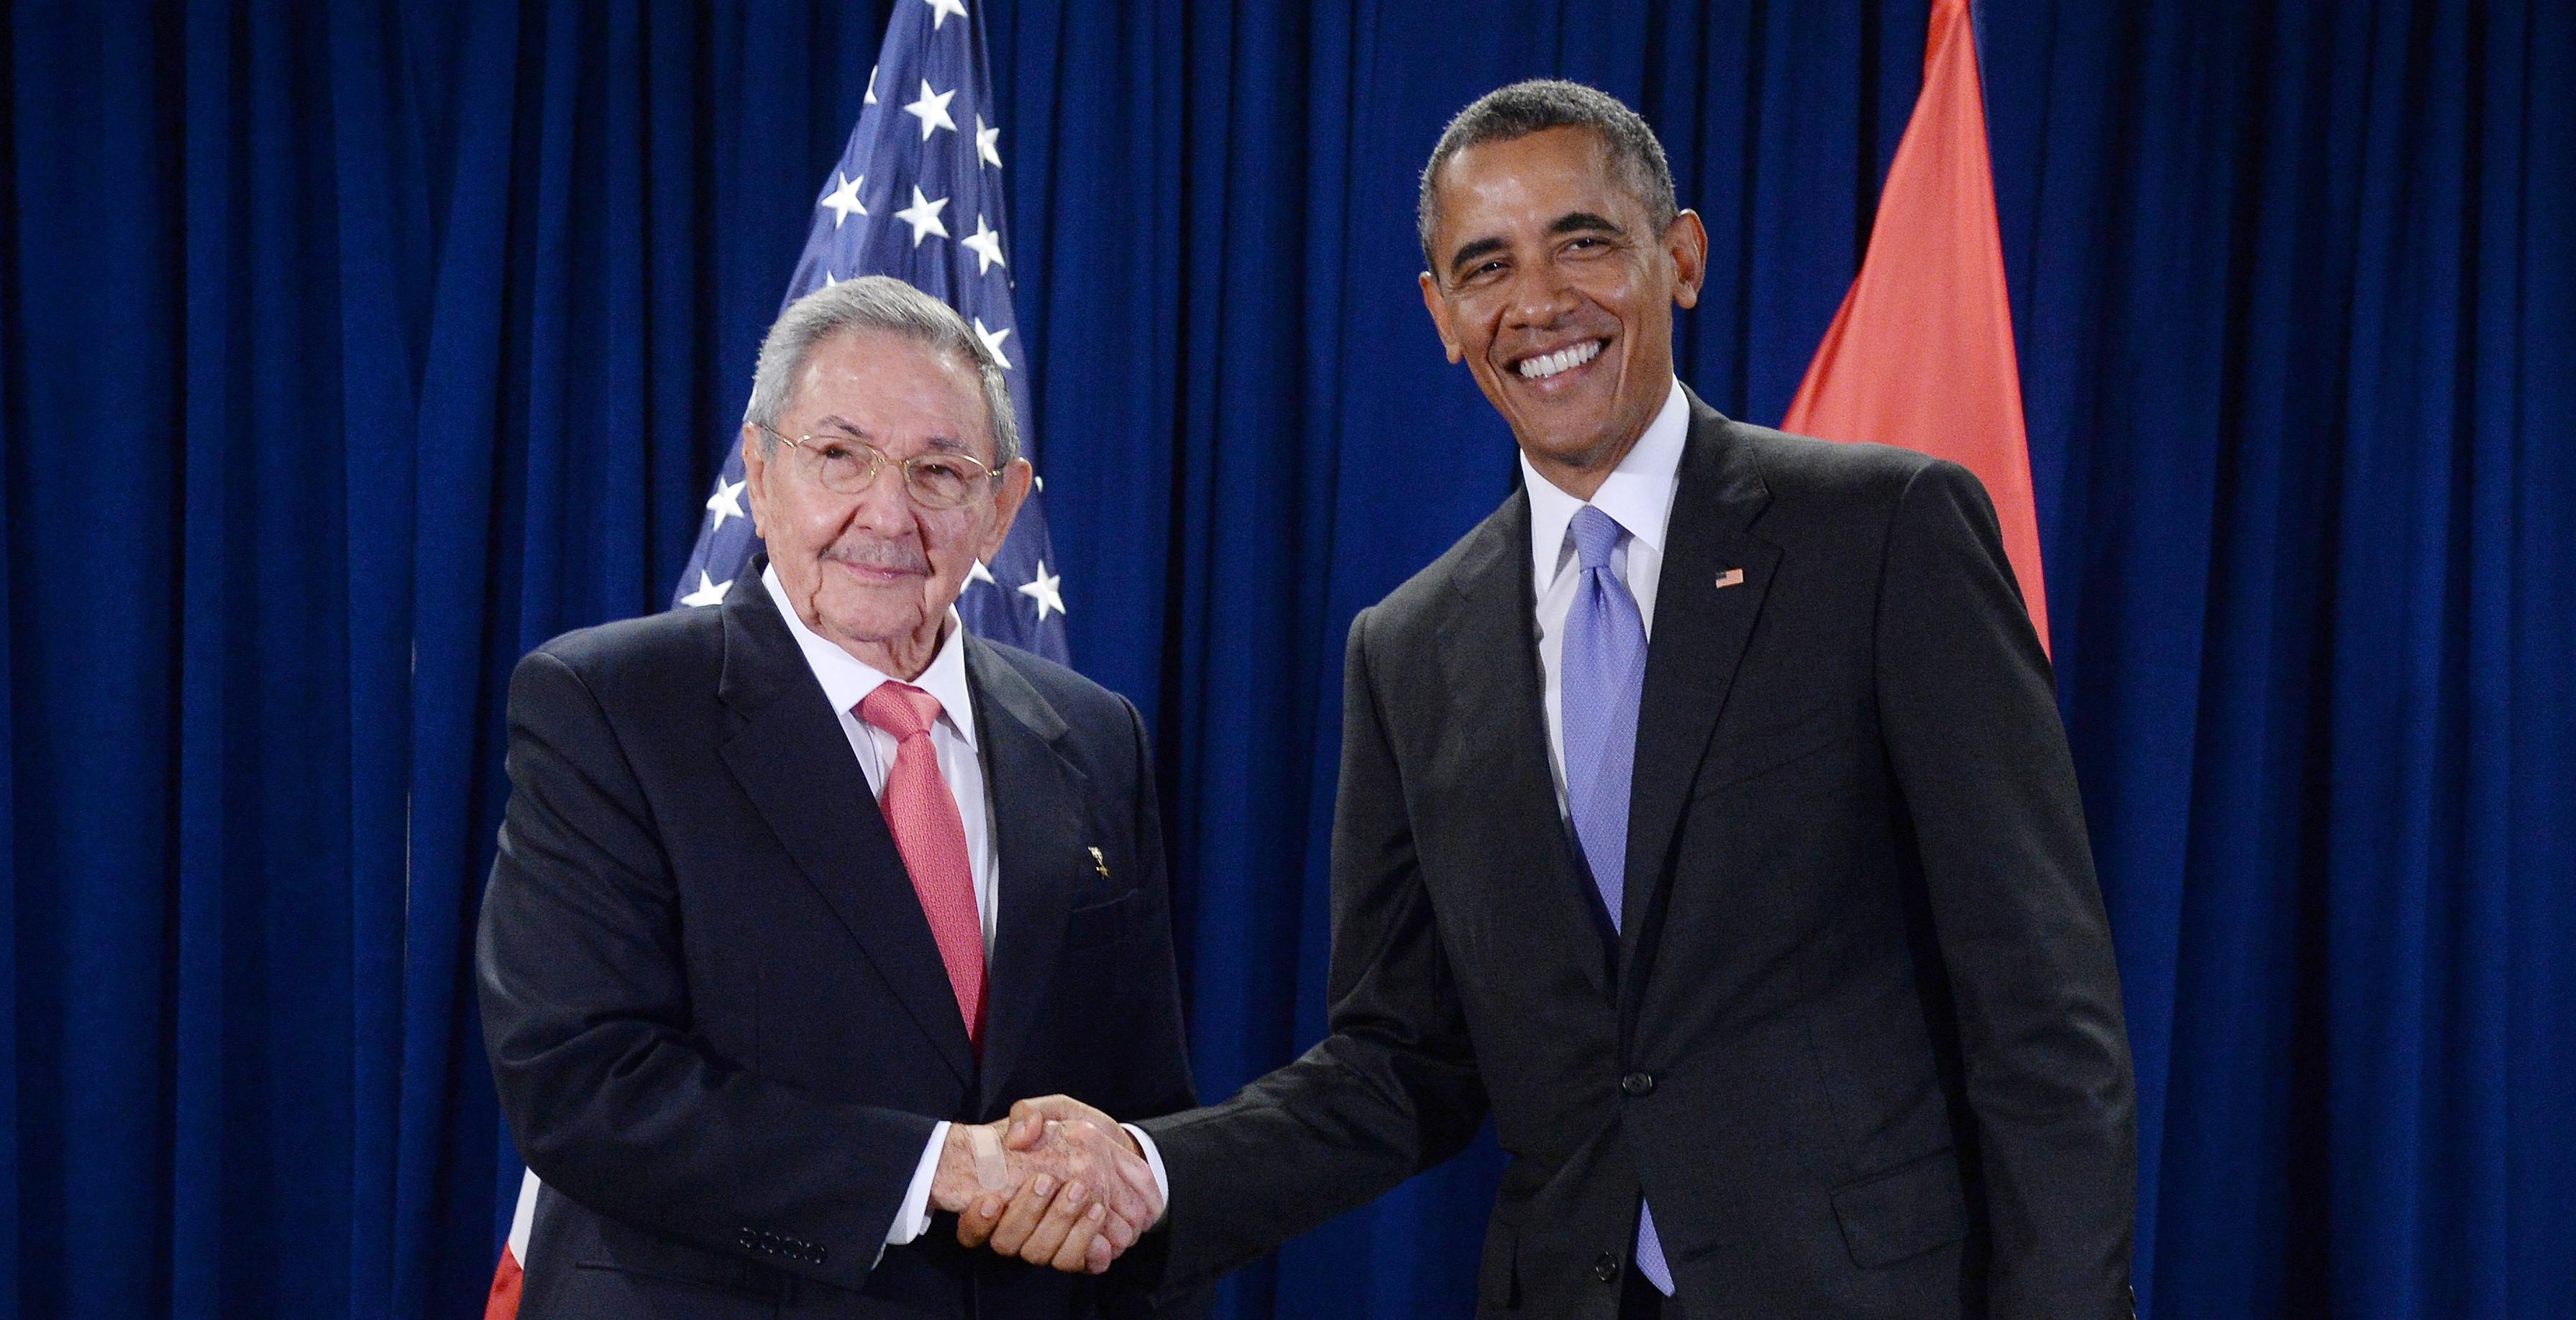 El presidente Raúl Castro (izquierda) y Barack Obama (derecha) posan para las cámaras luego de la reunión bilateral durante la Asamblea Nacional de la ONU. (Crédito: Anthony Behar-Pool/Getty Images)